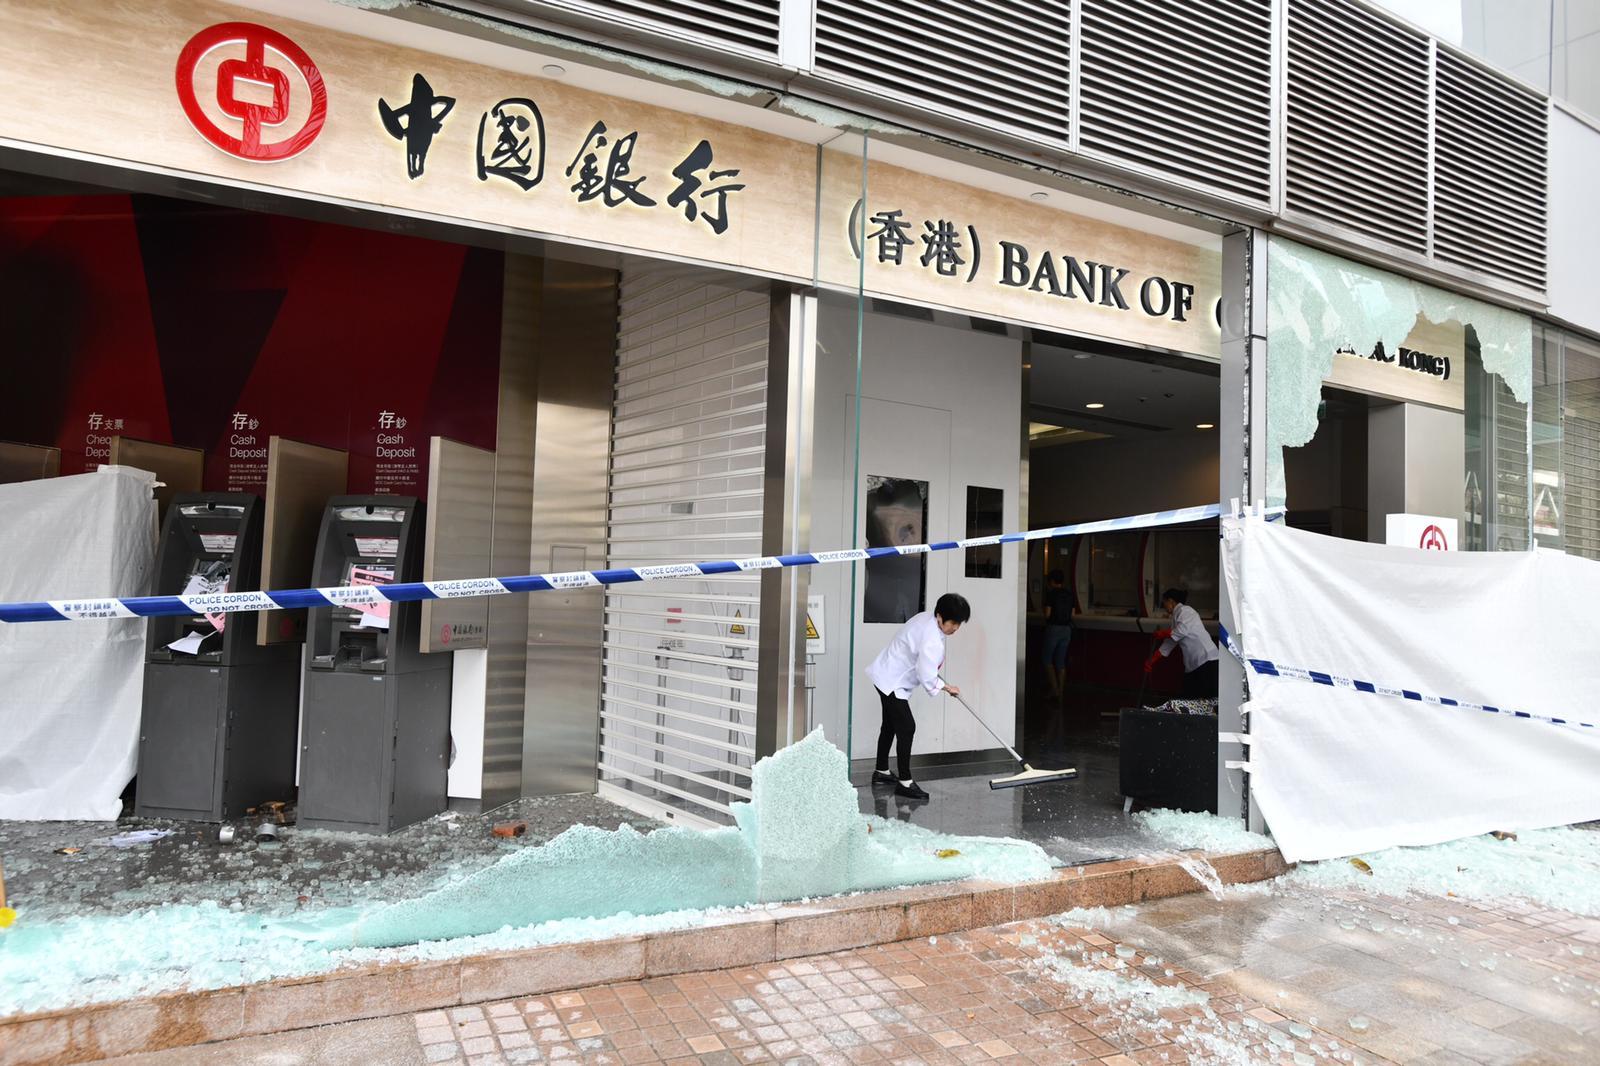 銀行公會呼籲停止任何暴力破壞行為。